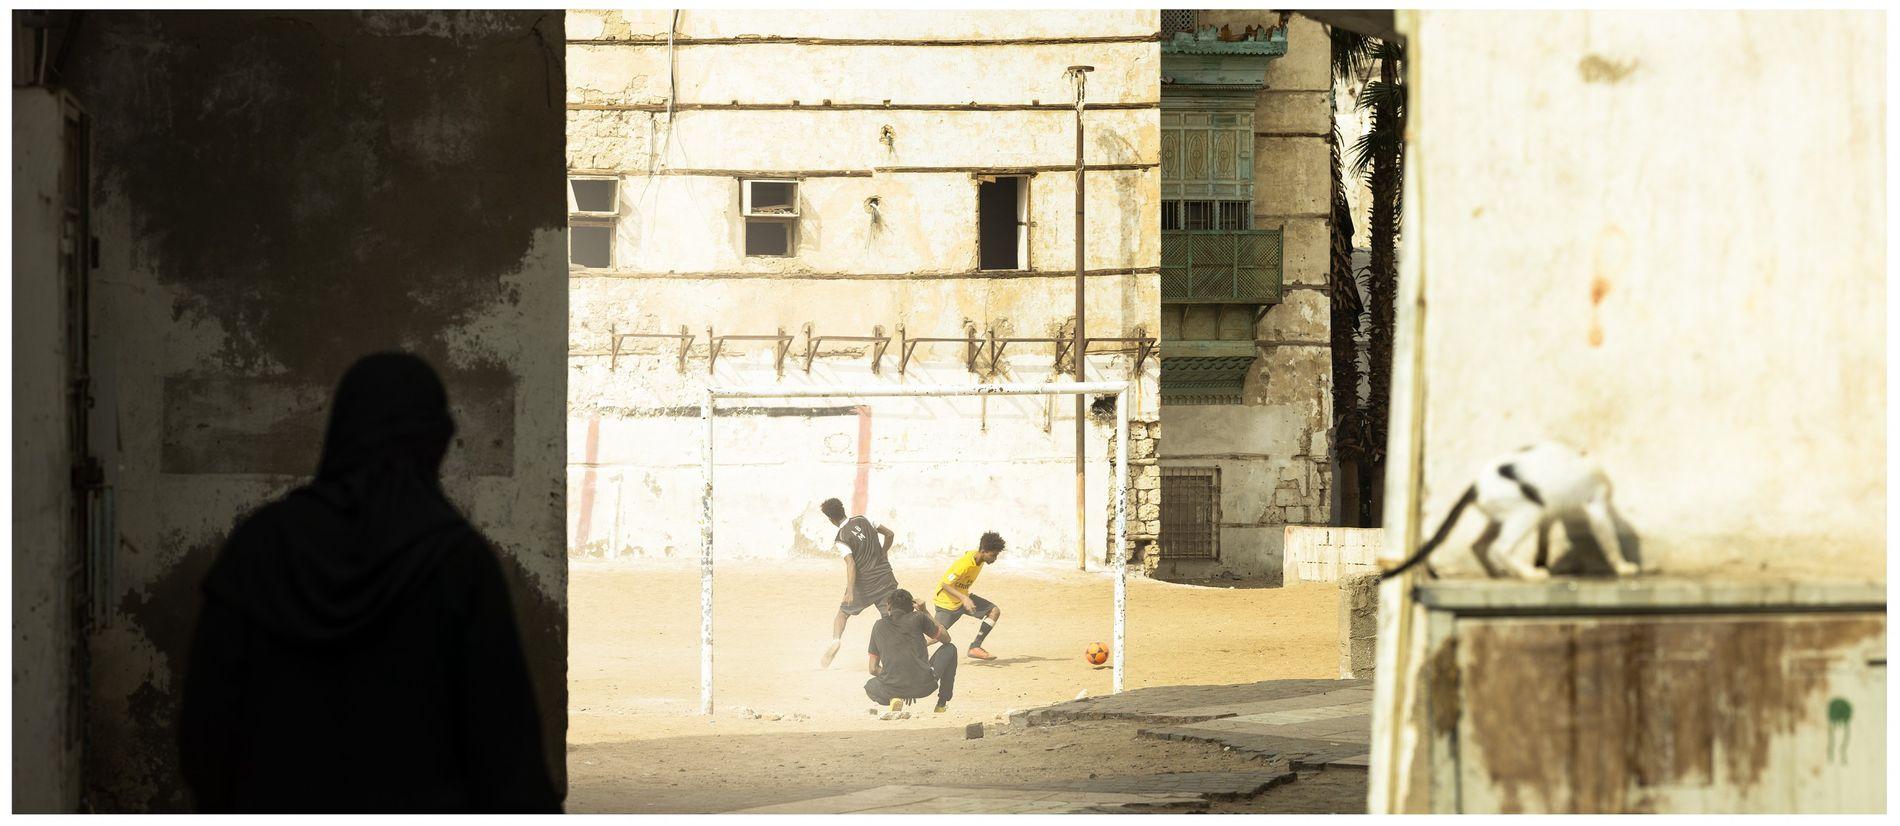 Partie de foot au coeur du vieux Djeddah - Patrimoine Mondial de l'Unesco, Arabie Saoudite, 2019 ...